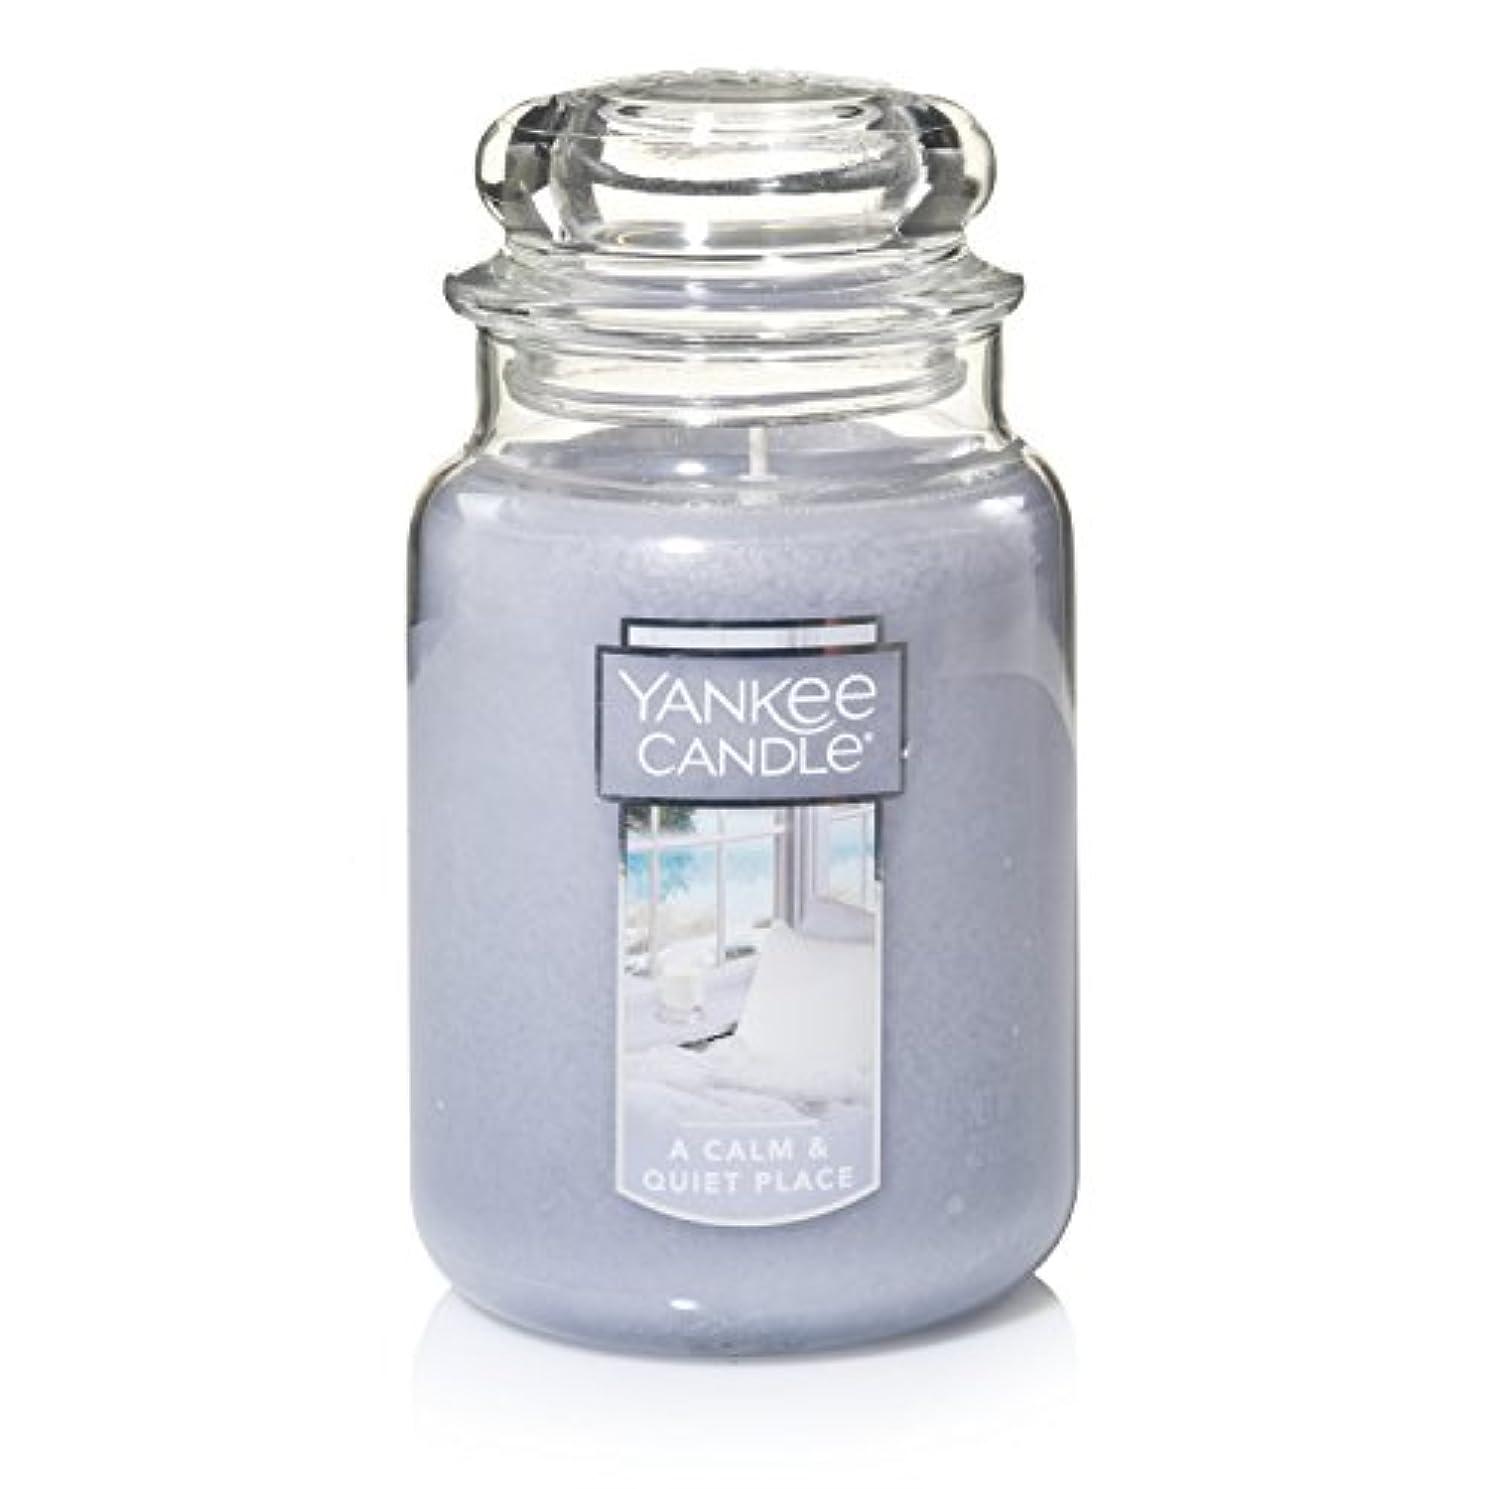 ニュースおそらく労苦Yankee Candle A Calm & Quiet Place Jar Candle, Large